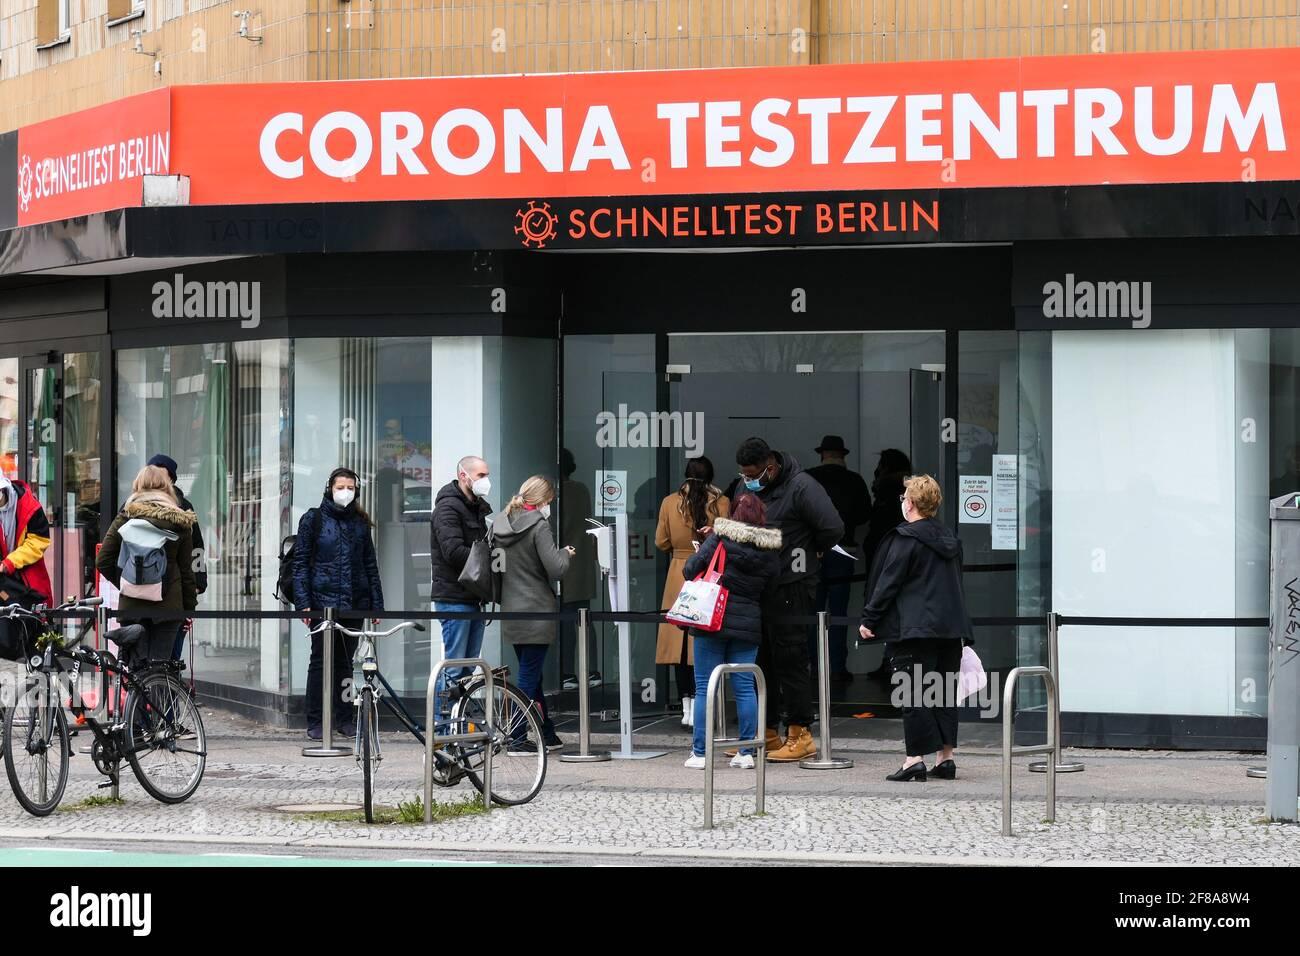 Berlin, Deutschland. April 2021. Am 12. April 2021 warten Menschen vor einem Testgelände in Berlin, der Hauptstadt Deutschlands, auf COVID-19-Tests. Nach Angaben des Robert Koch-Instituts (RKI) wurden am Montag seit Ausbruch der Pandemie mehr als drei Millionen COVID-19-Infektionen in Deutschland registriert. Quelle: Stefan Zeitz/Xinhua/Alamy Live News Stockfoto